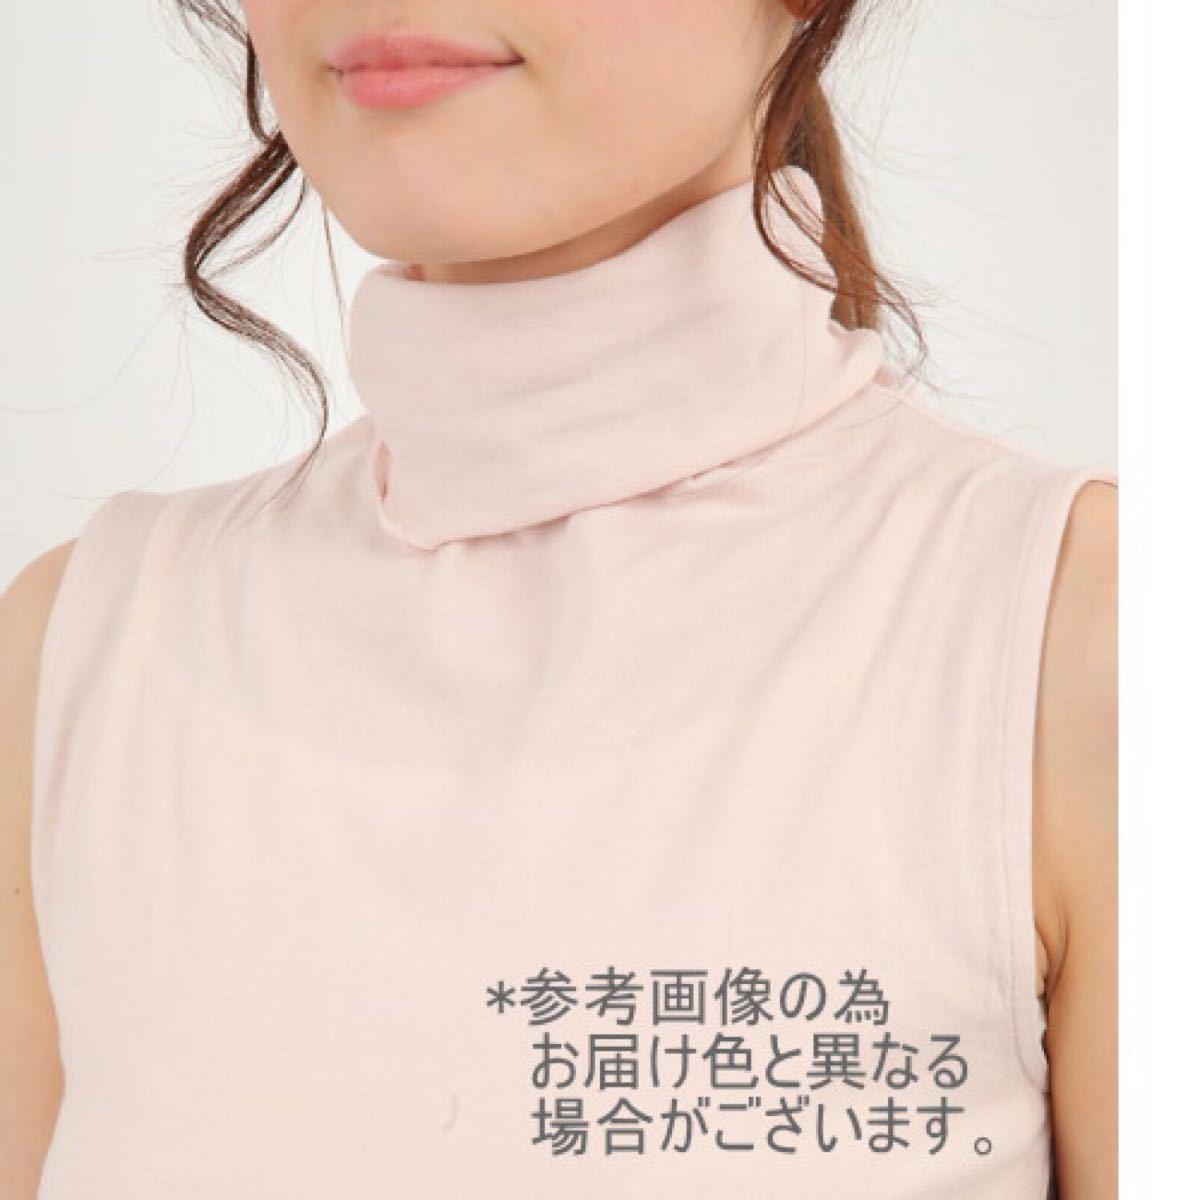 ノースリーブ【Lサイズ】ピンク★UVカットハイネックカットソー